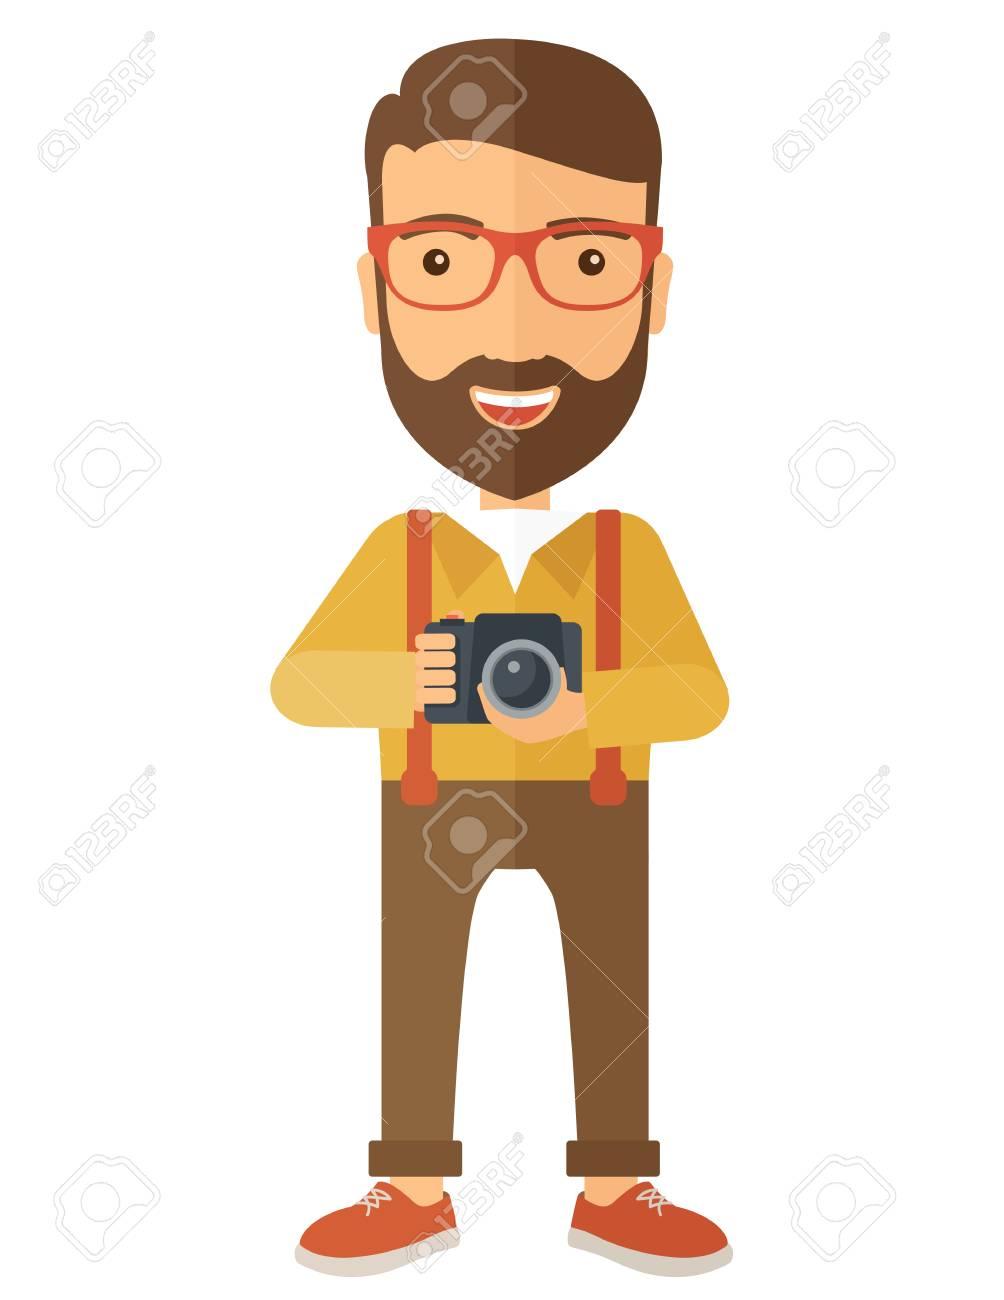 Ein Europäischer Fotografen Lächelnd, Während Seine Kamera Hält ...